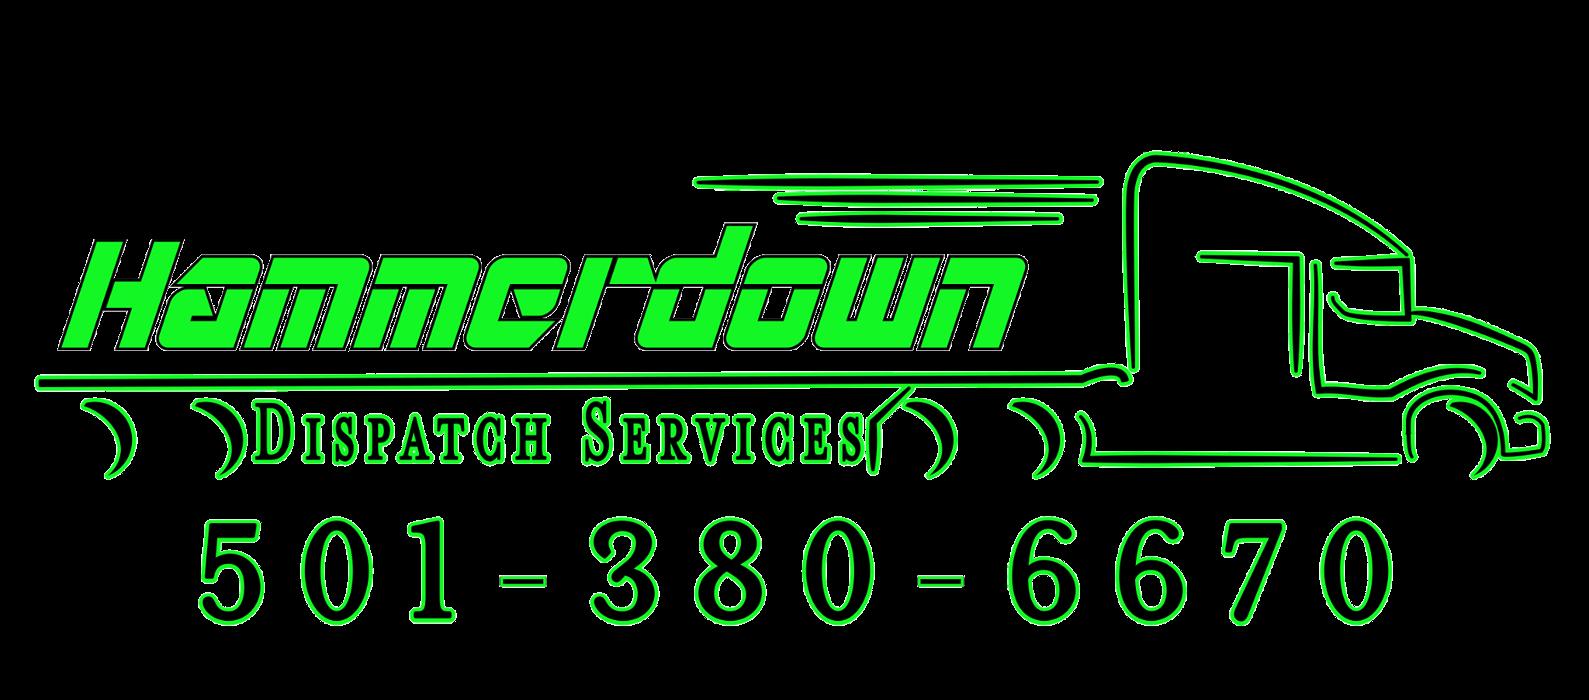 Hammerdown Dispatch, LLC - Searcy, AR